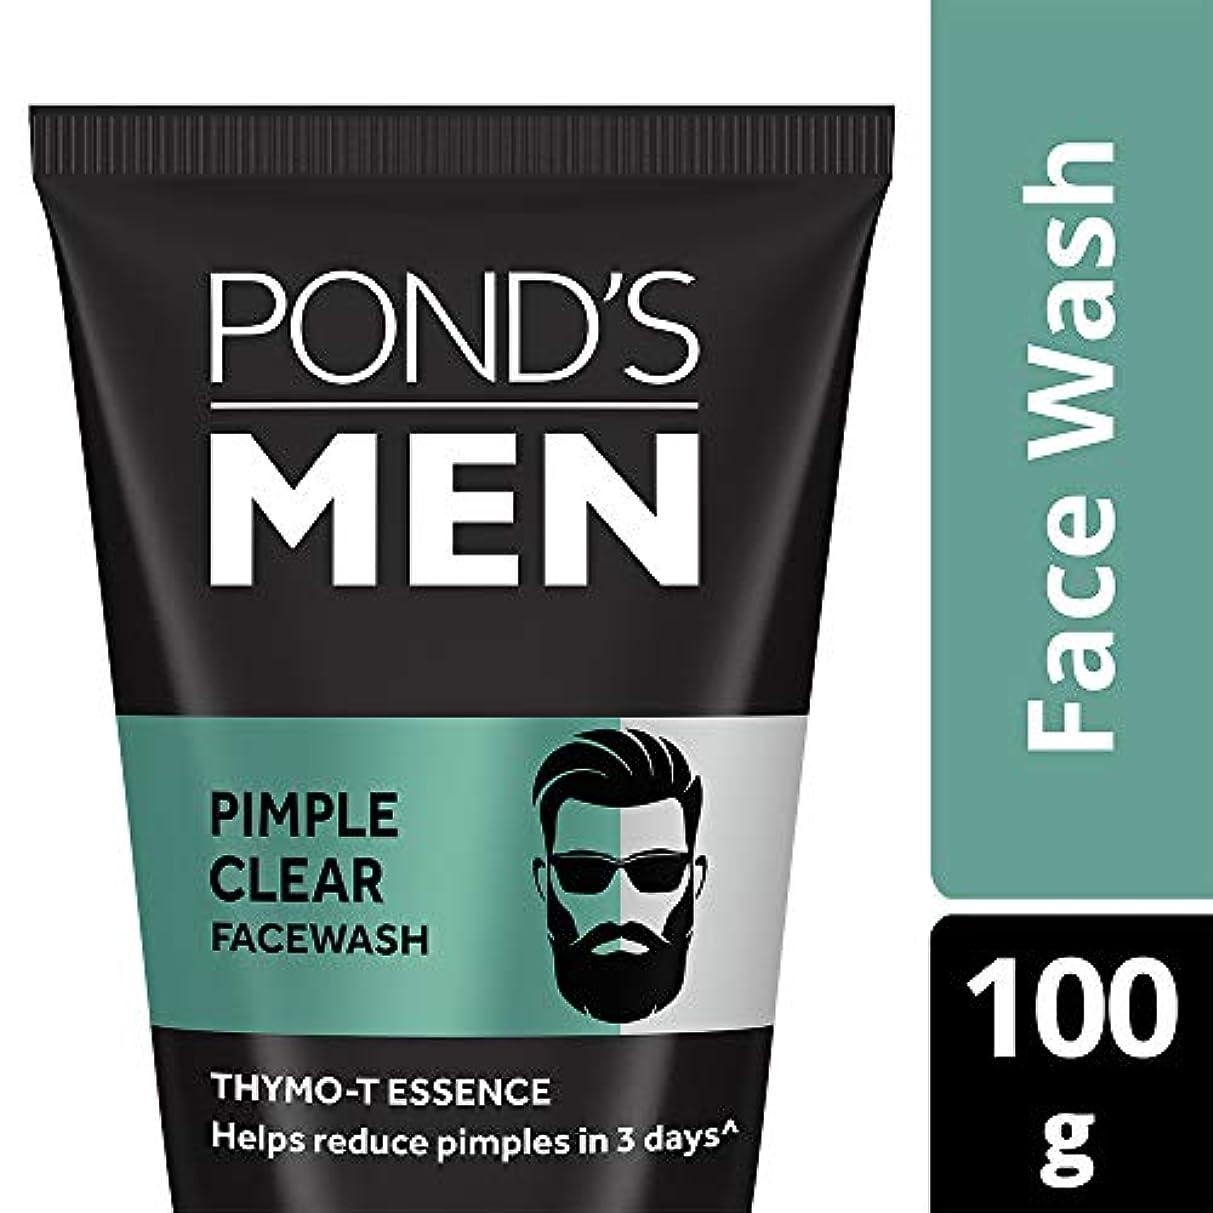 ホールドアピール満たすPond's Men Acno Clear Oil Control Face Wash, 100g